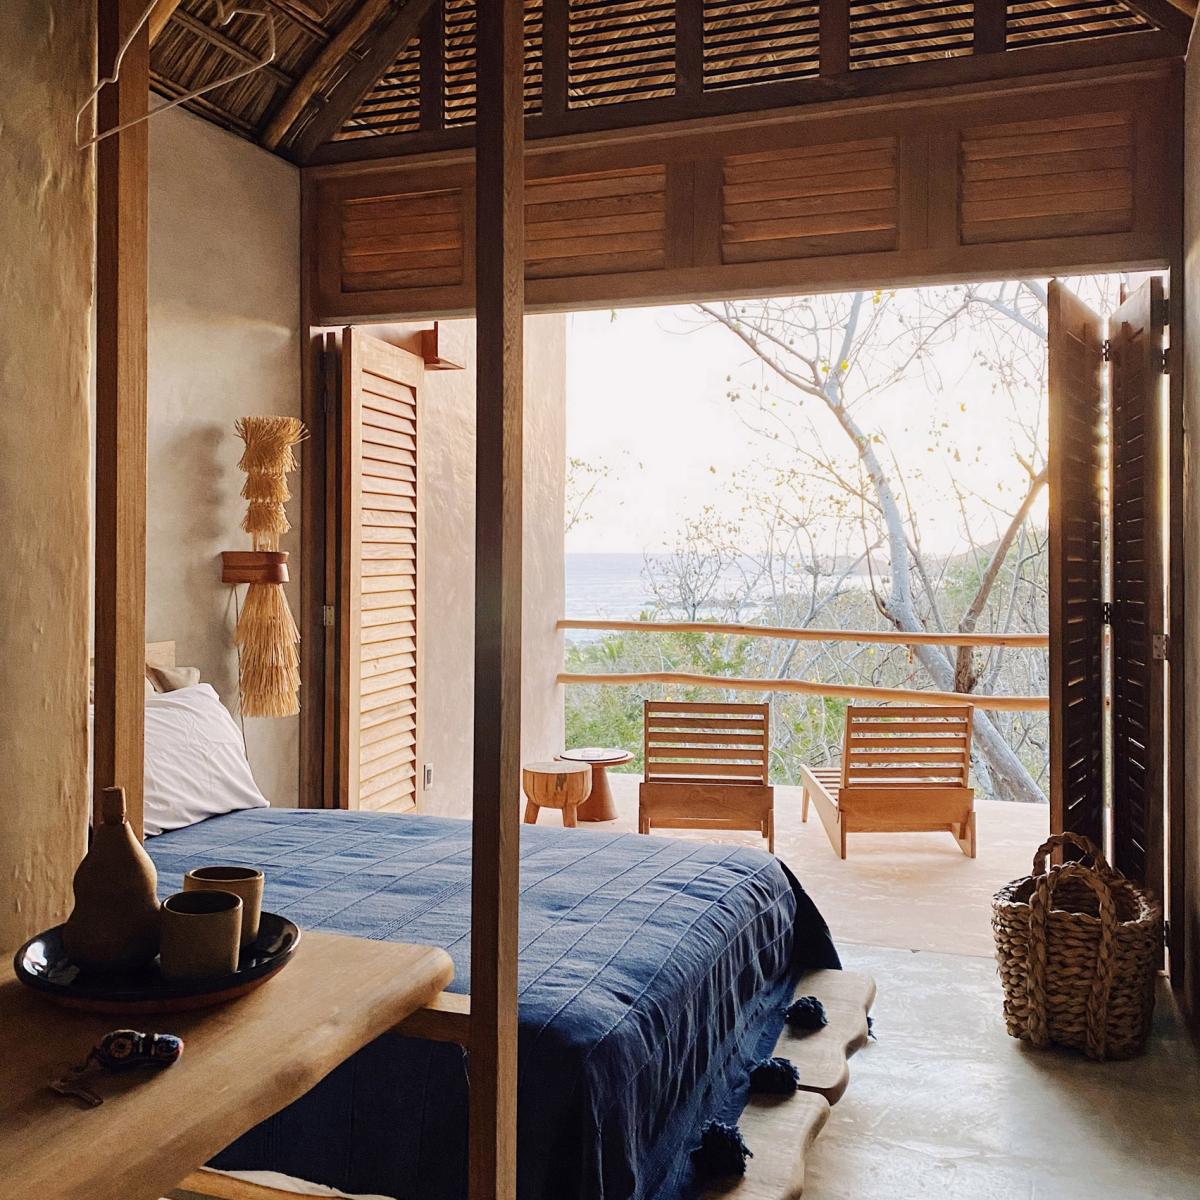 Khách sạn Monte Uzulu ở Mexico thực hiện bởi Taller Lu'um and At-te. Khu rừng già bao quanh khách sạn giúp du khách hoà hợp trọn vẹn với thiên nhiên, một số căn phòng có tầm nhìn ra biển Thái Bình dương. Các vật dụng, nội thất trong khách sạn cũng đều sử dụng nguyên vật liệu từ địa phương như tre, nứa, cọ... Thậm chí nguyên liệu tẩy rửa cũng có nguồn gốc thiên nhiên như nước rửa chiết xuất từ trái chanh xanh...